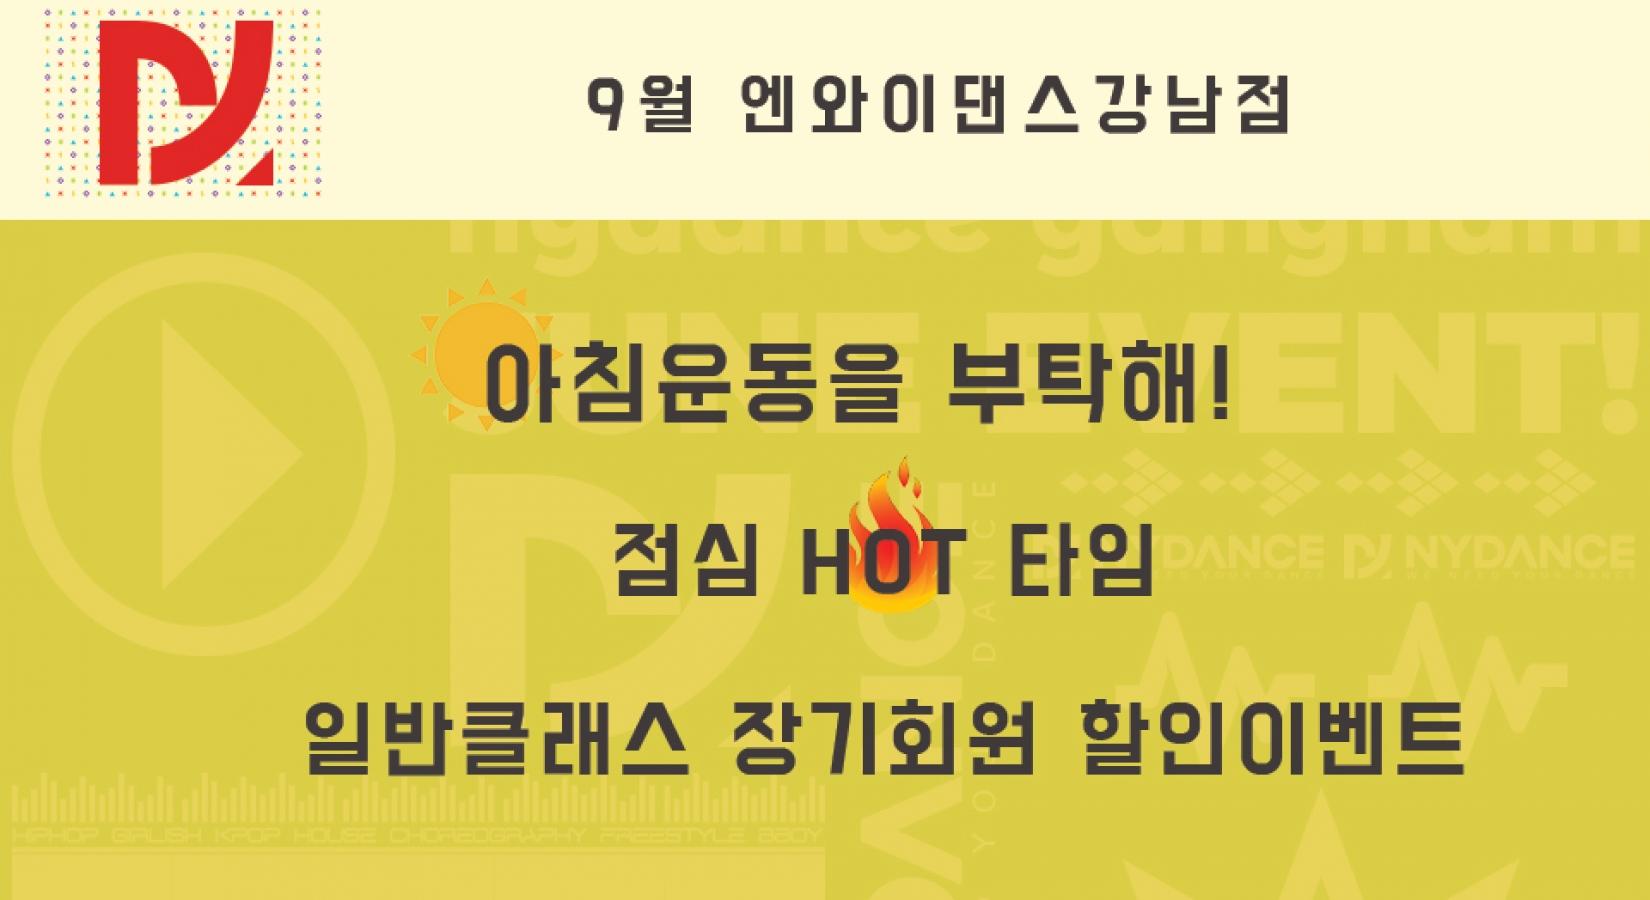 [강남점] 9월 NEW 프로그램